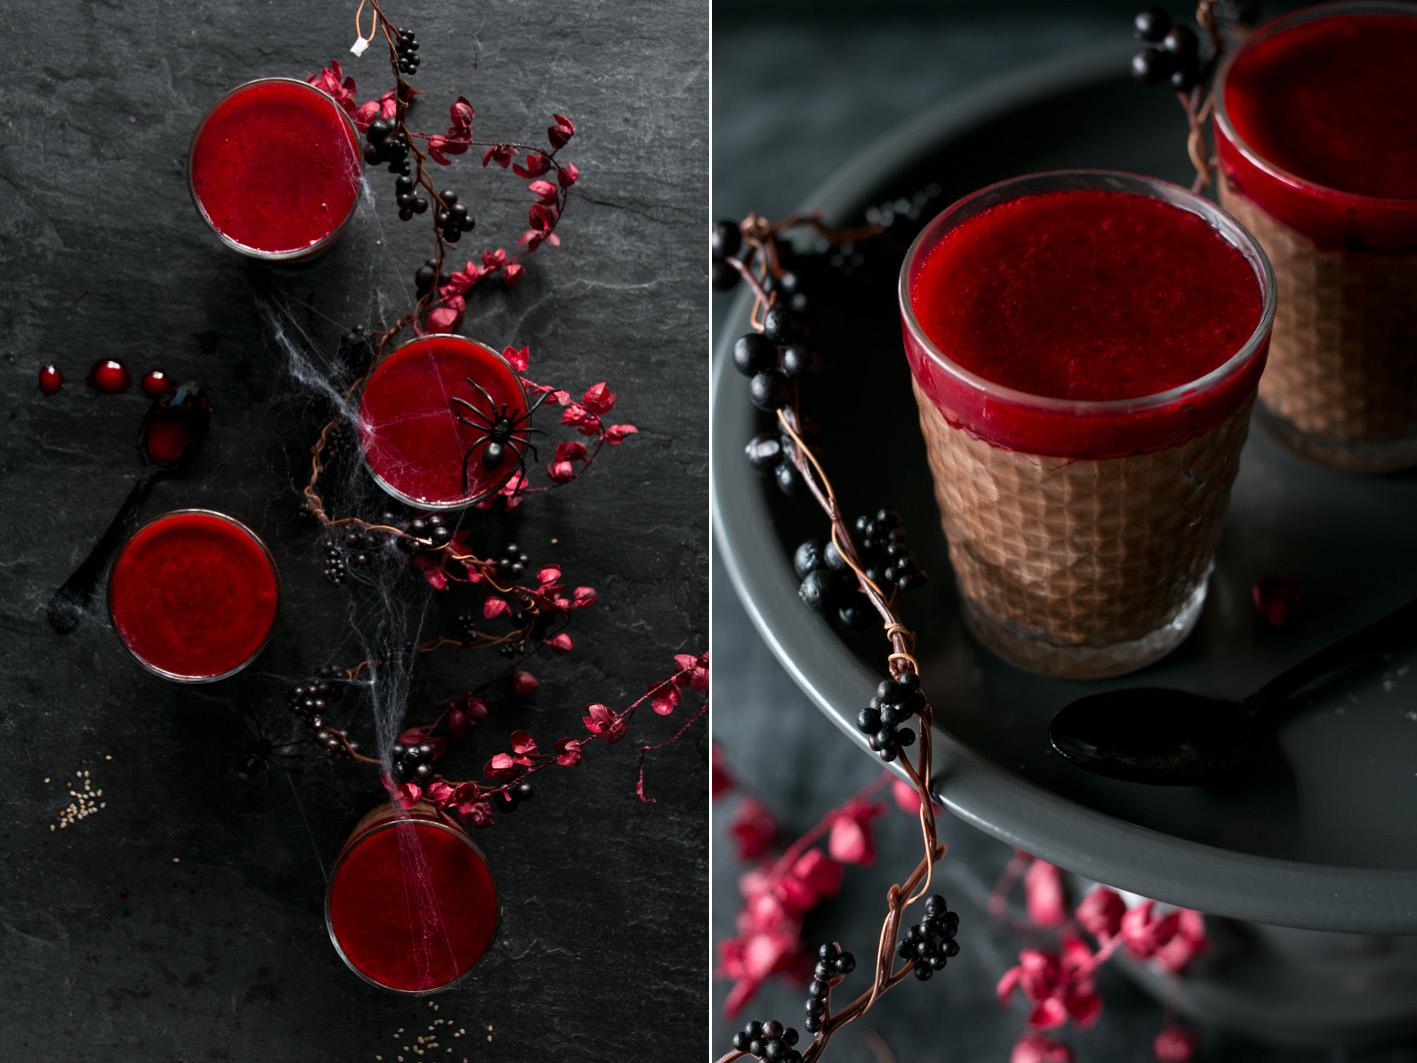 mousse au chocolat himbeeren